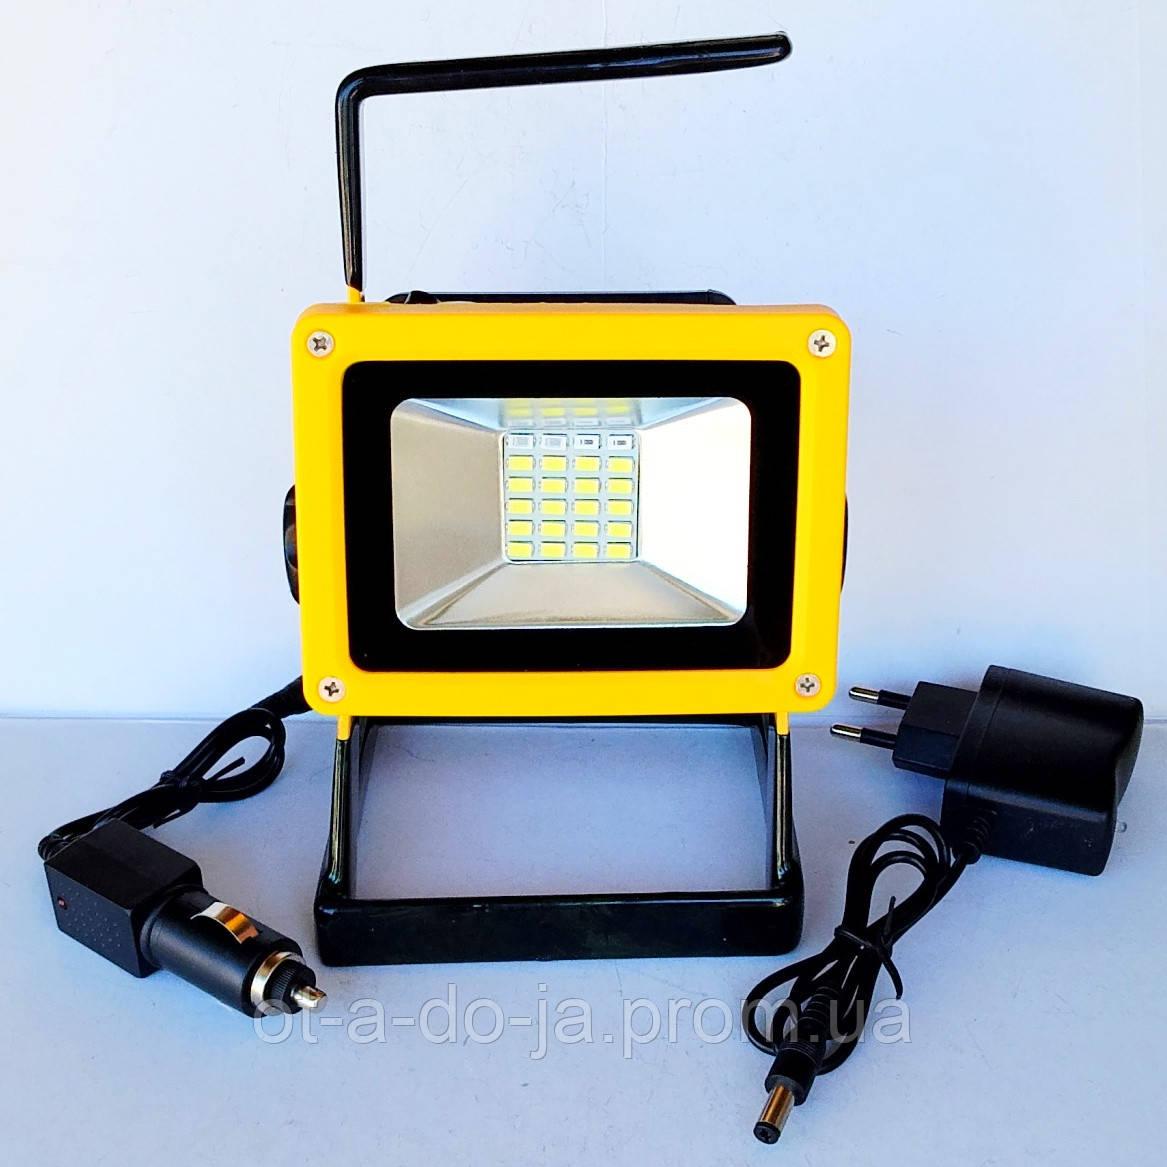 Прожектор LED Flood Light Outdoor 100W